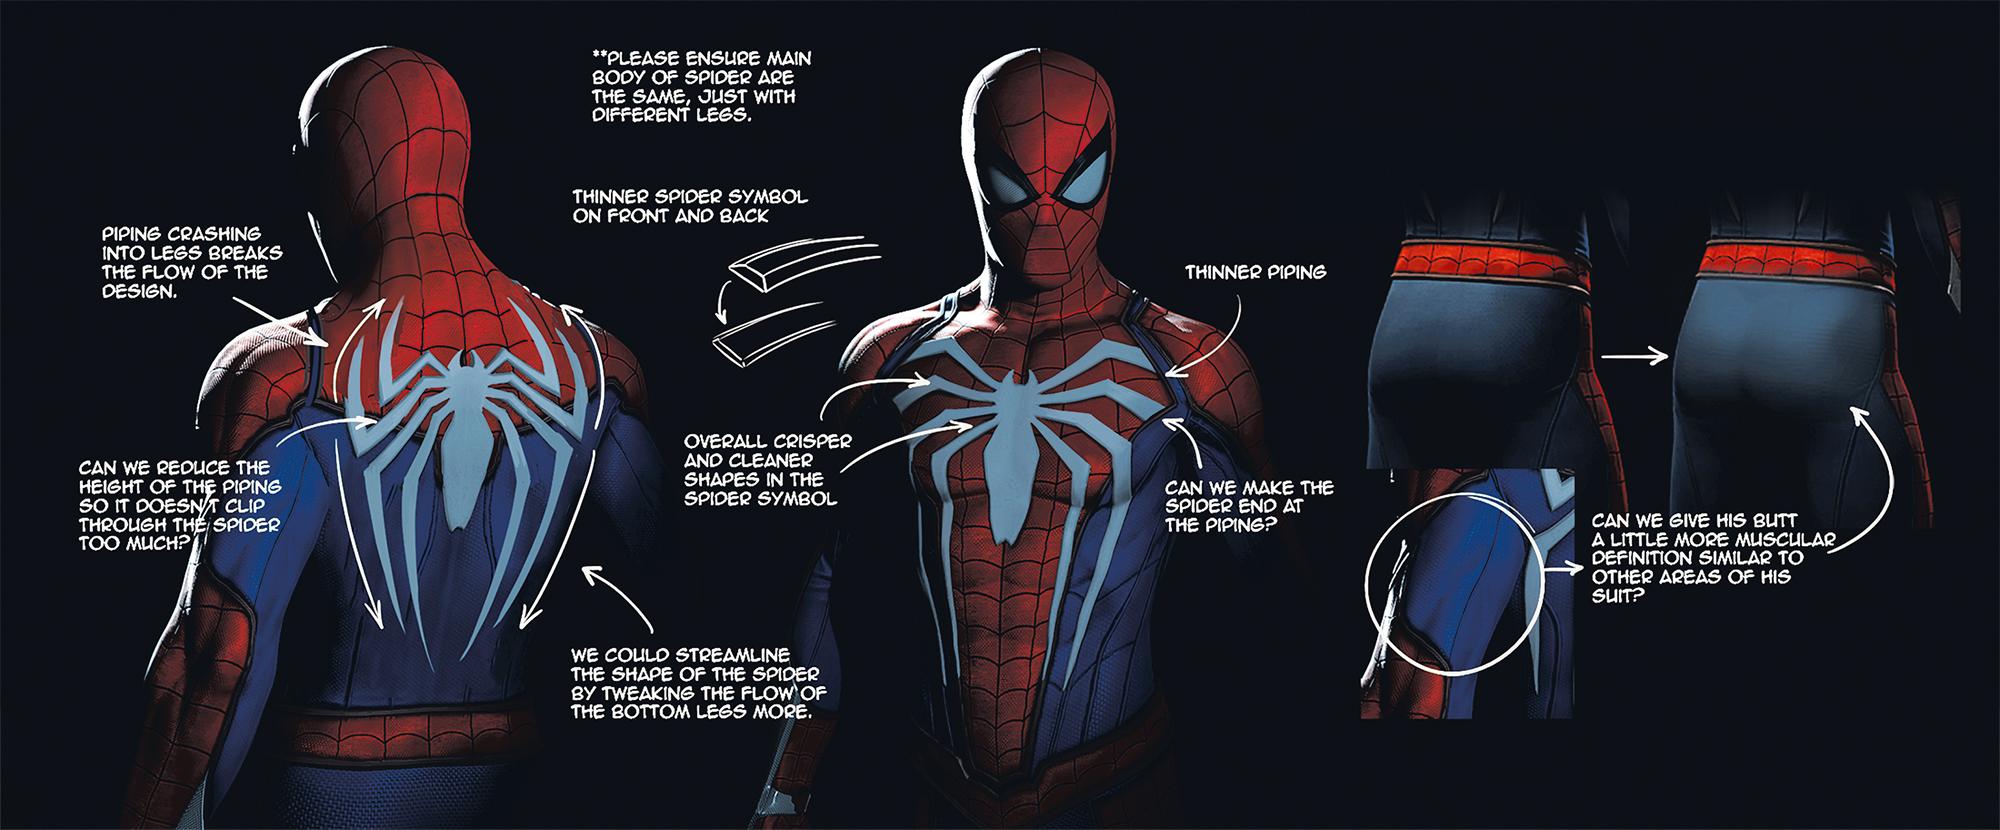 《漫威蜘蛛侠》精美艺术概念图 超级英雄激战不休